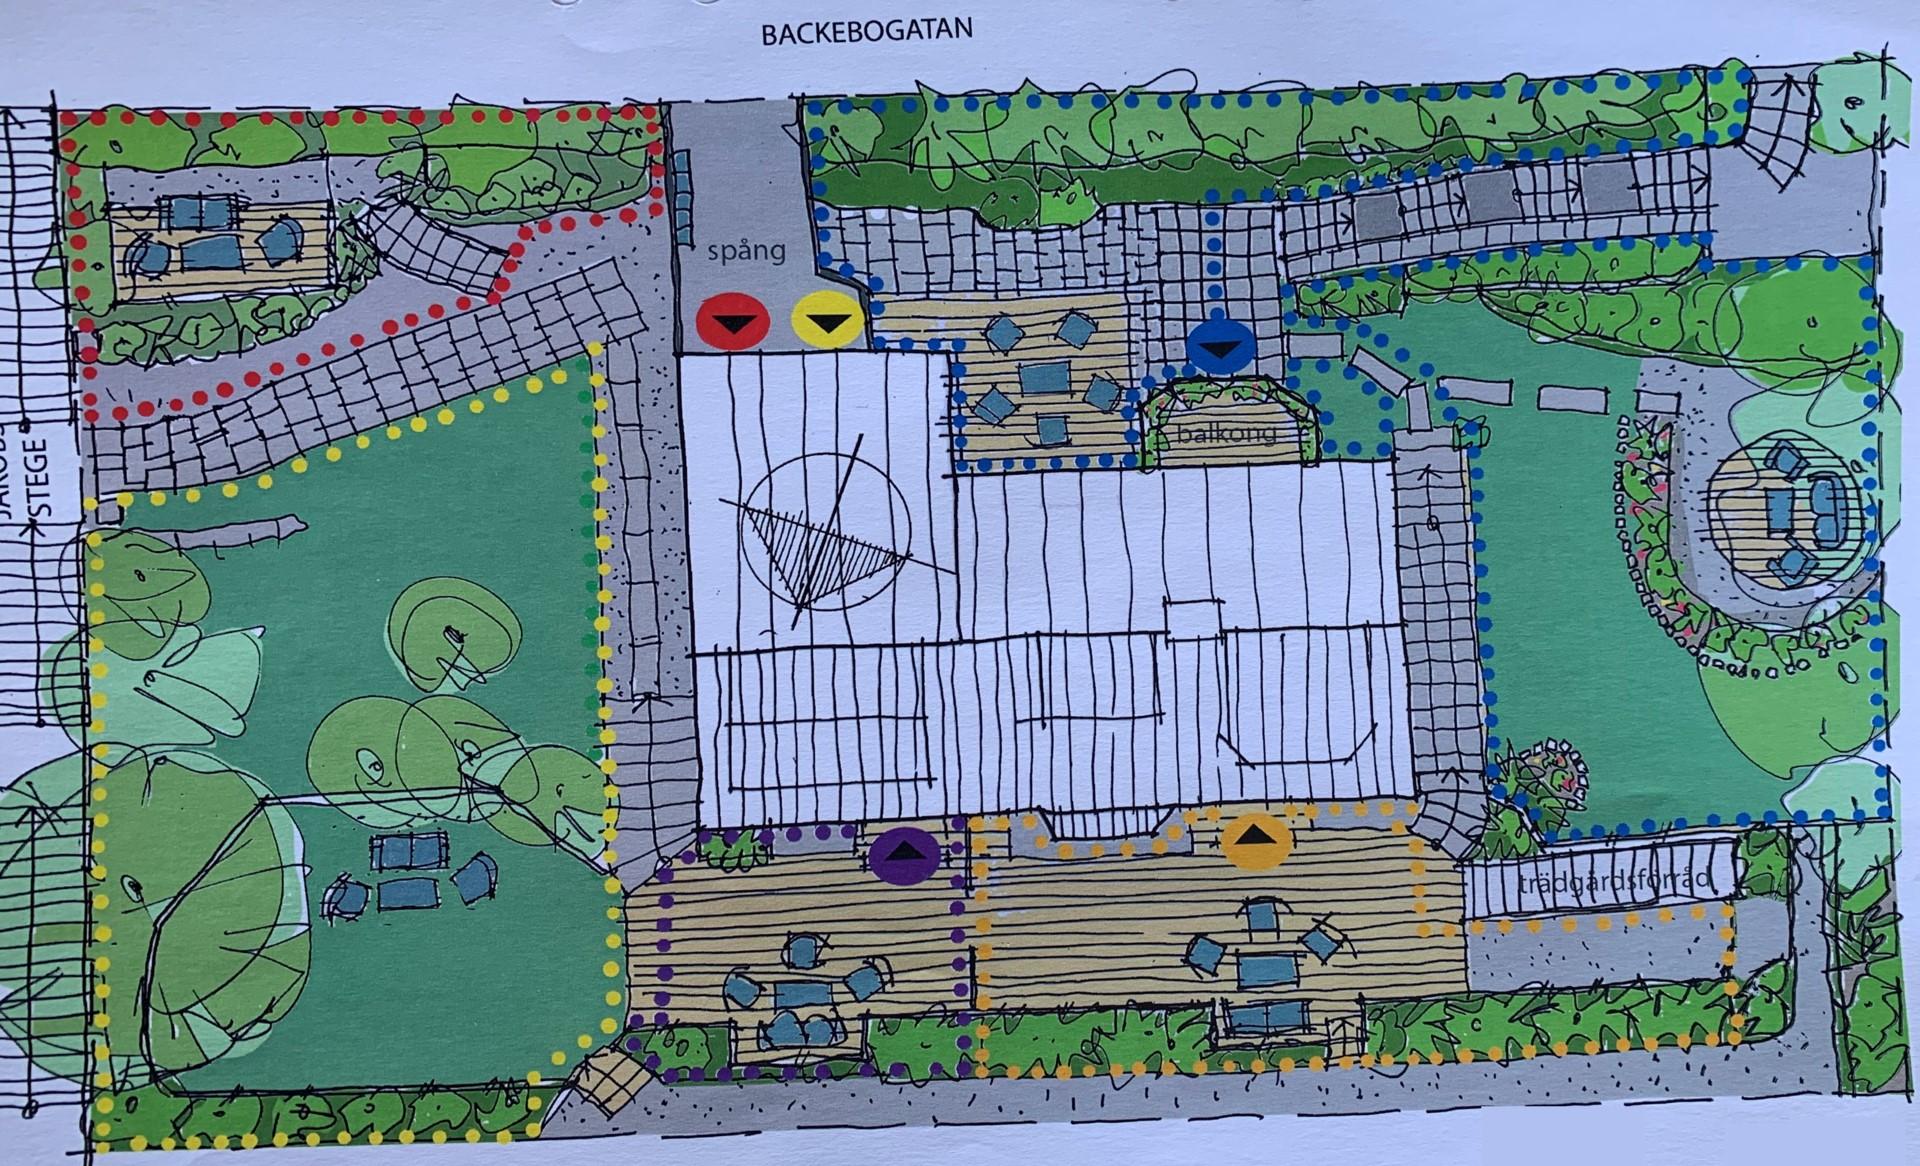 Backebogatan 20 - Trädgårdsplan, prickad röd yta anger bostadsrättens område